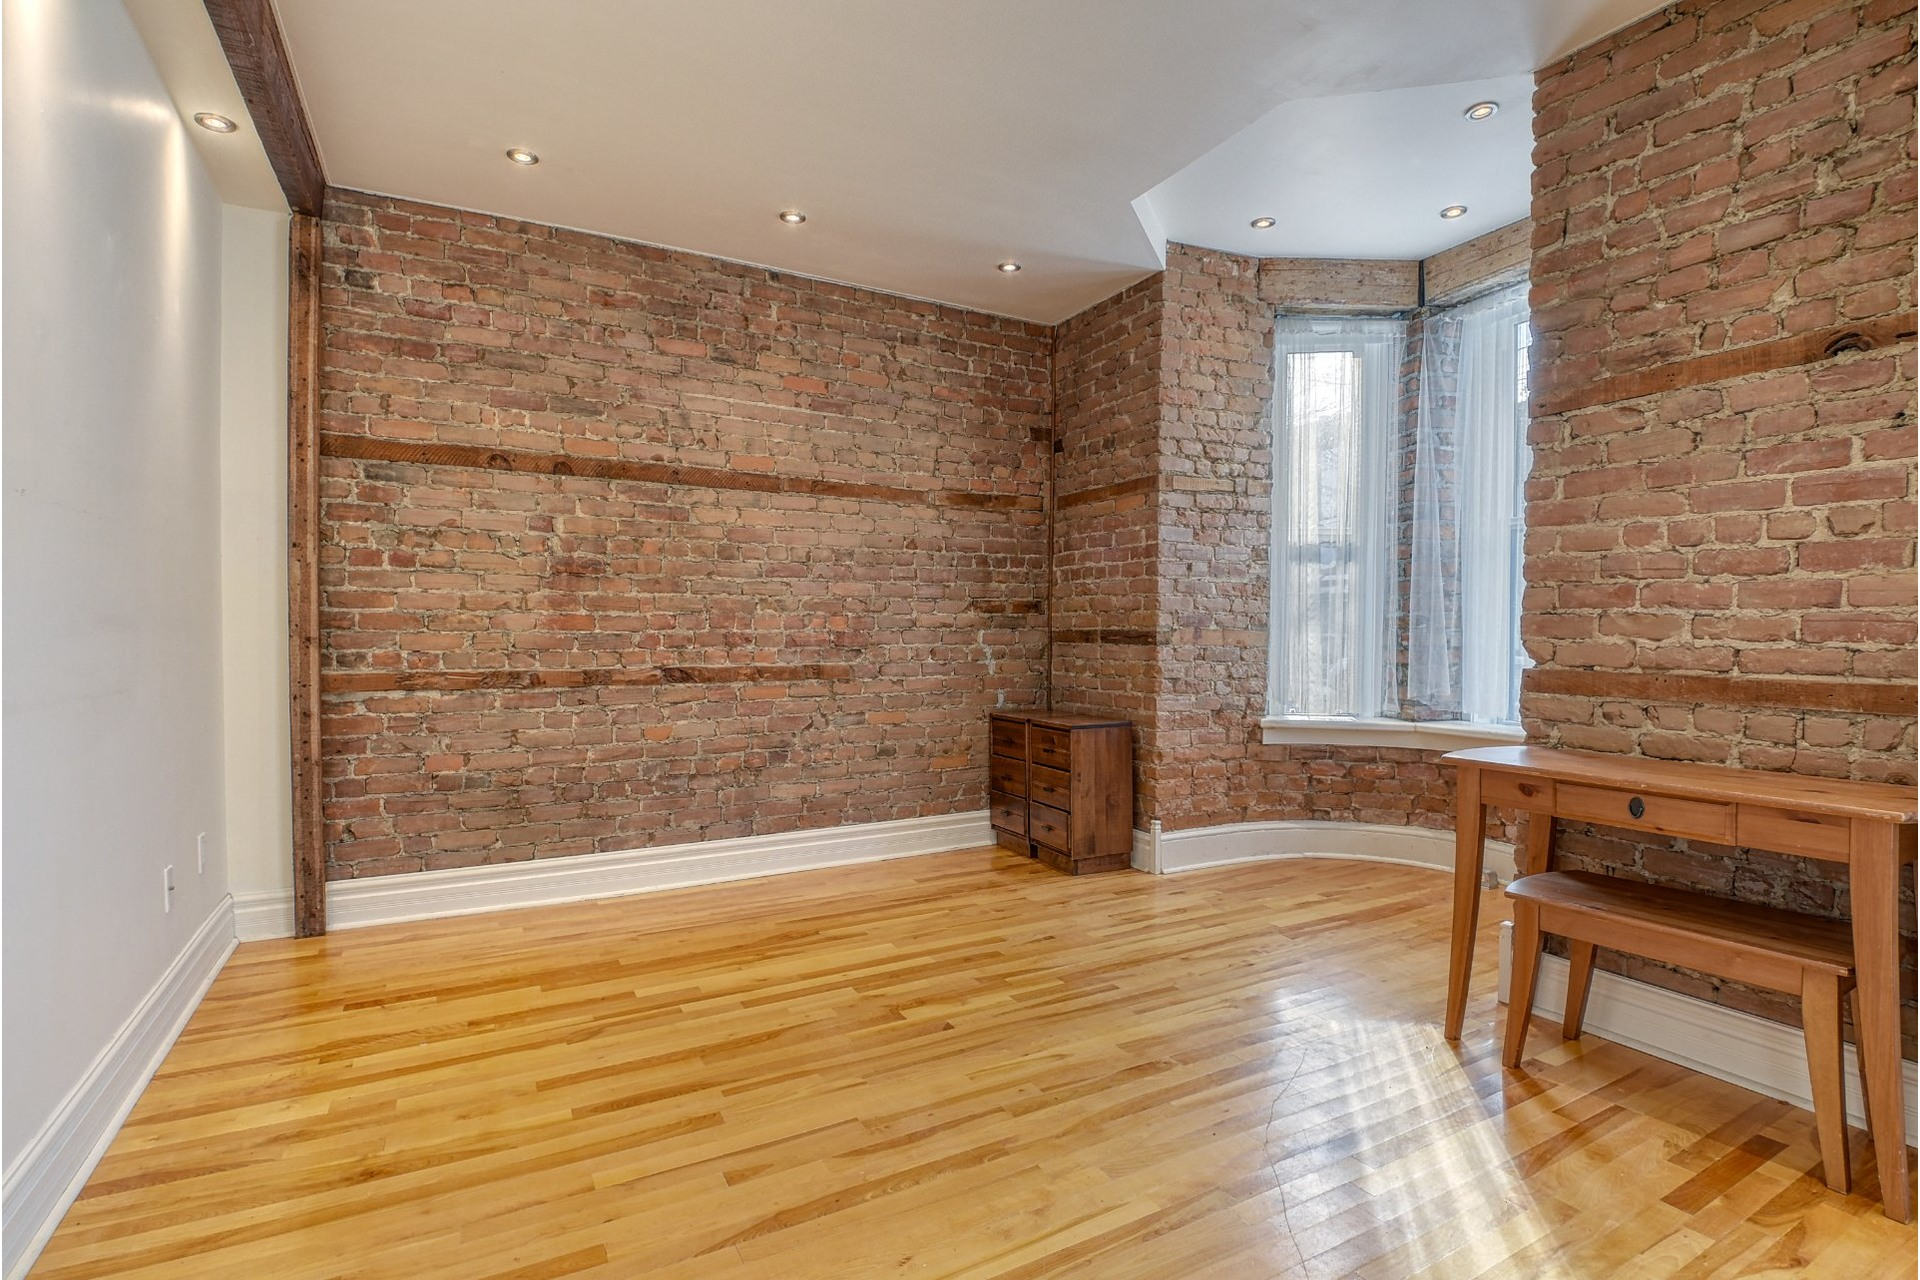 image 2 - Duplex For sale Le Sud-Ouest Montréal  - 5 rooms